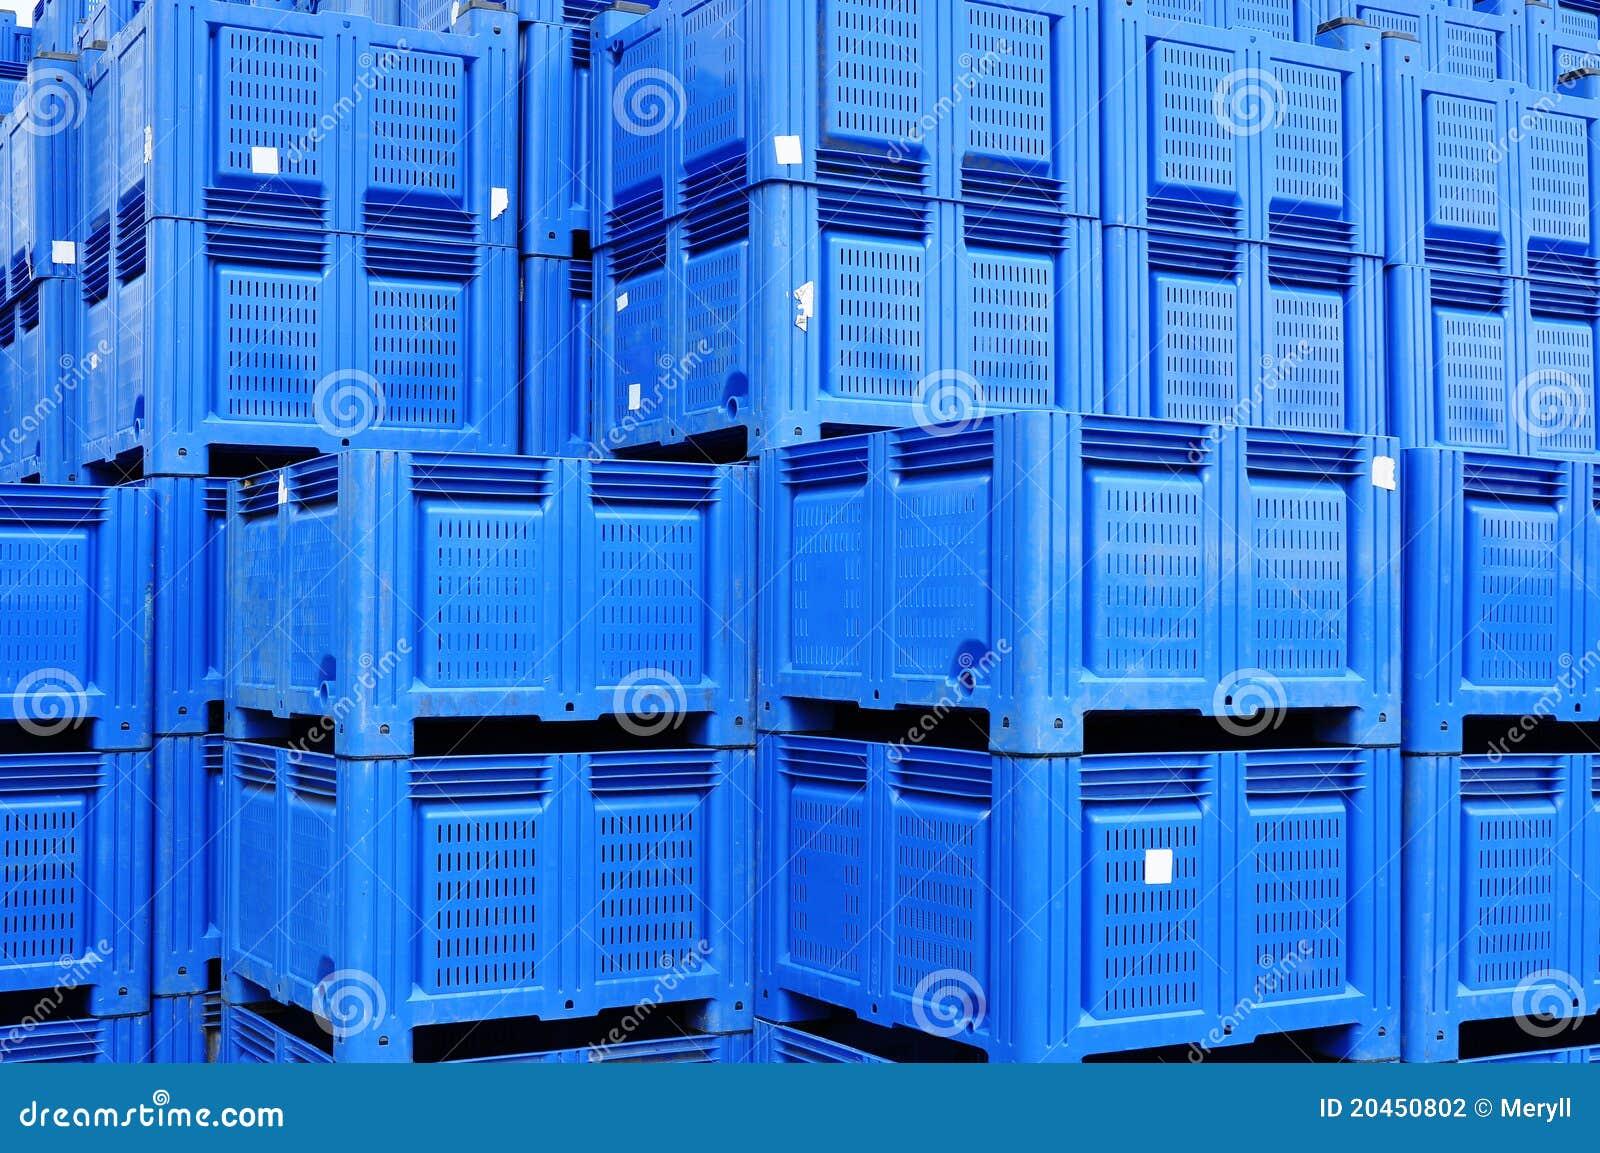 Plastic boxes storage